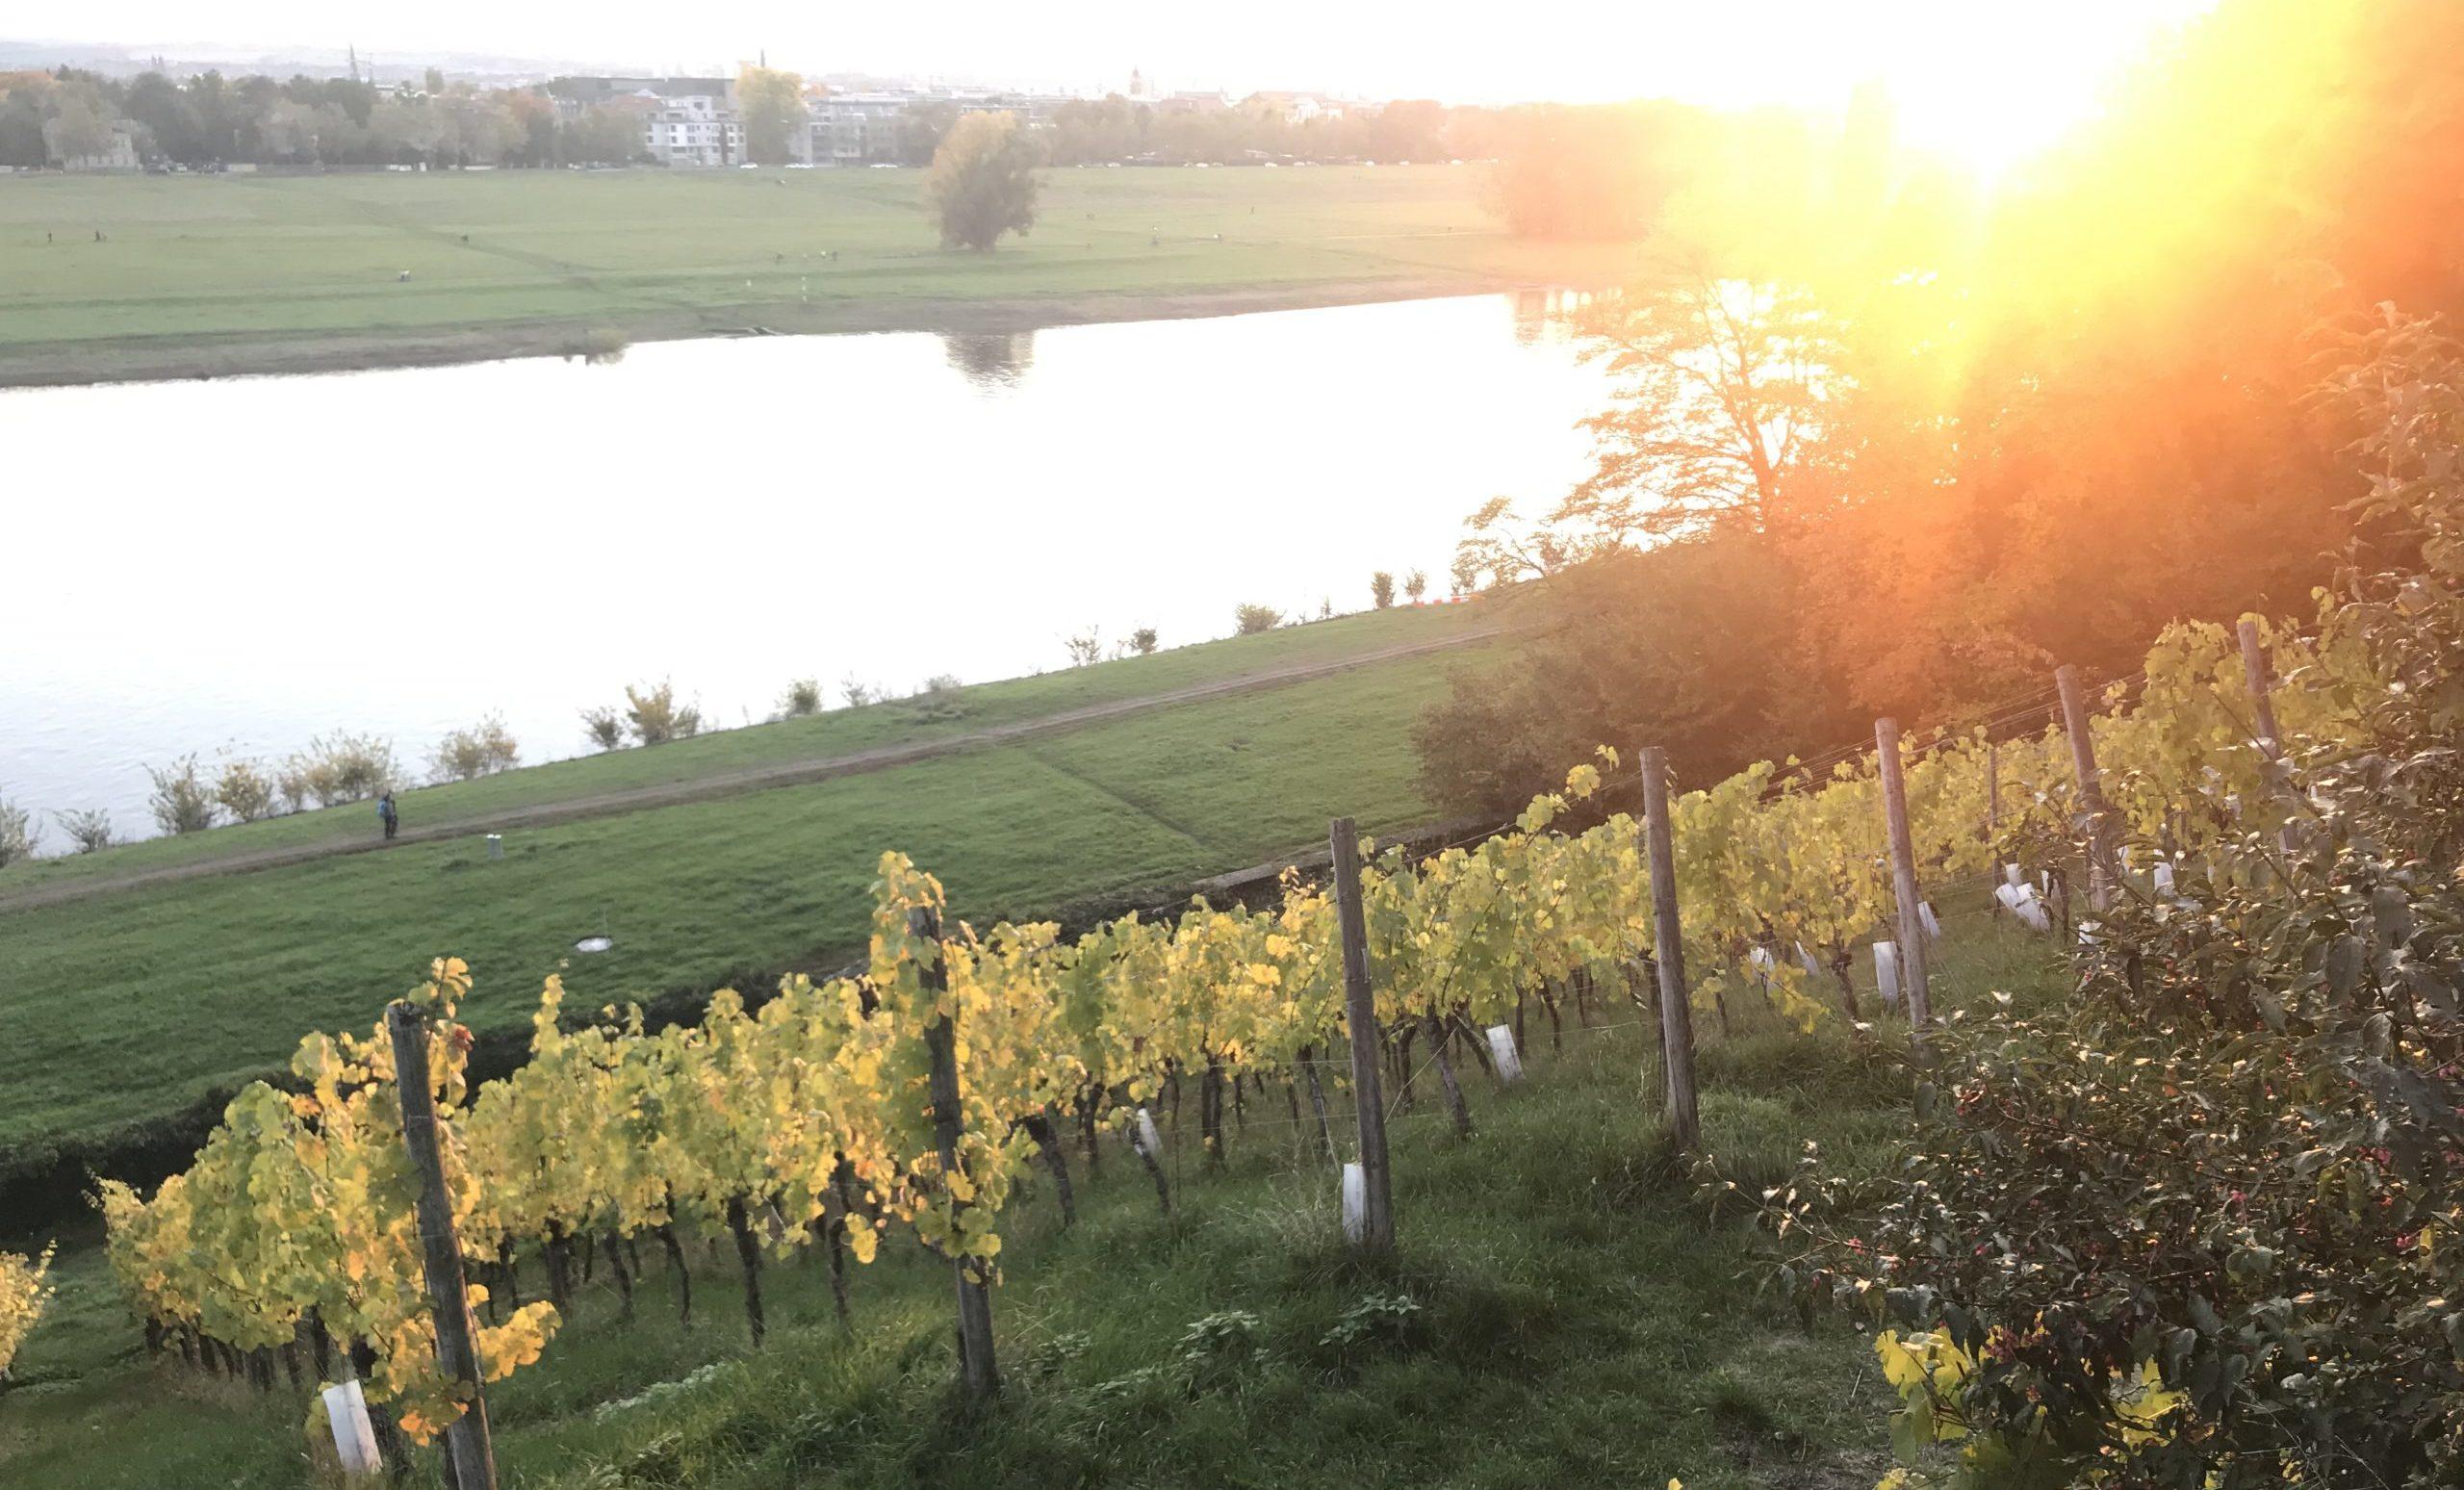 Whisky trifft spanischen Wein am Albrechtsberg